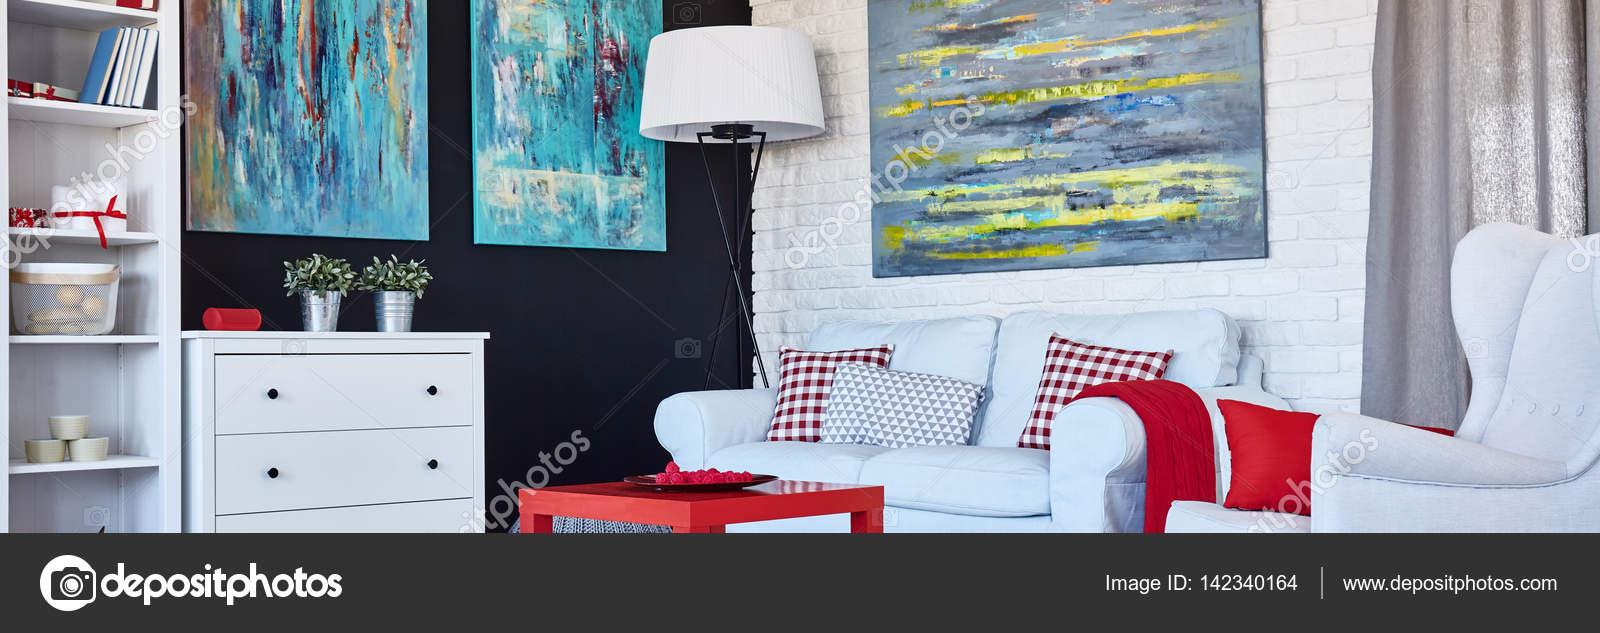 Muebles Blancos Y Decoracion Rojo Fotos De Stock C Photographeeeu - Decoracion-muebles-blanco